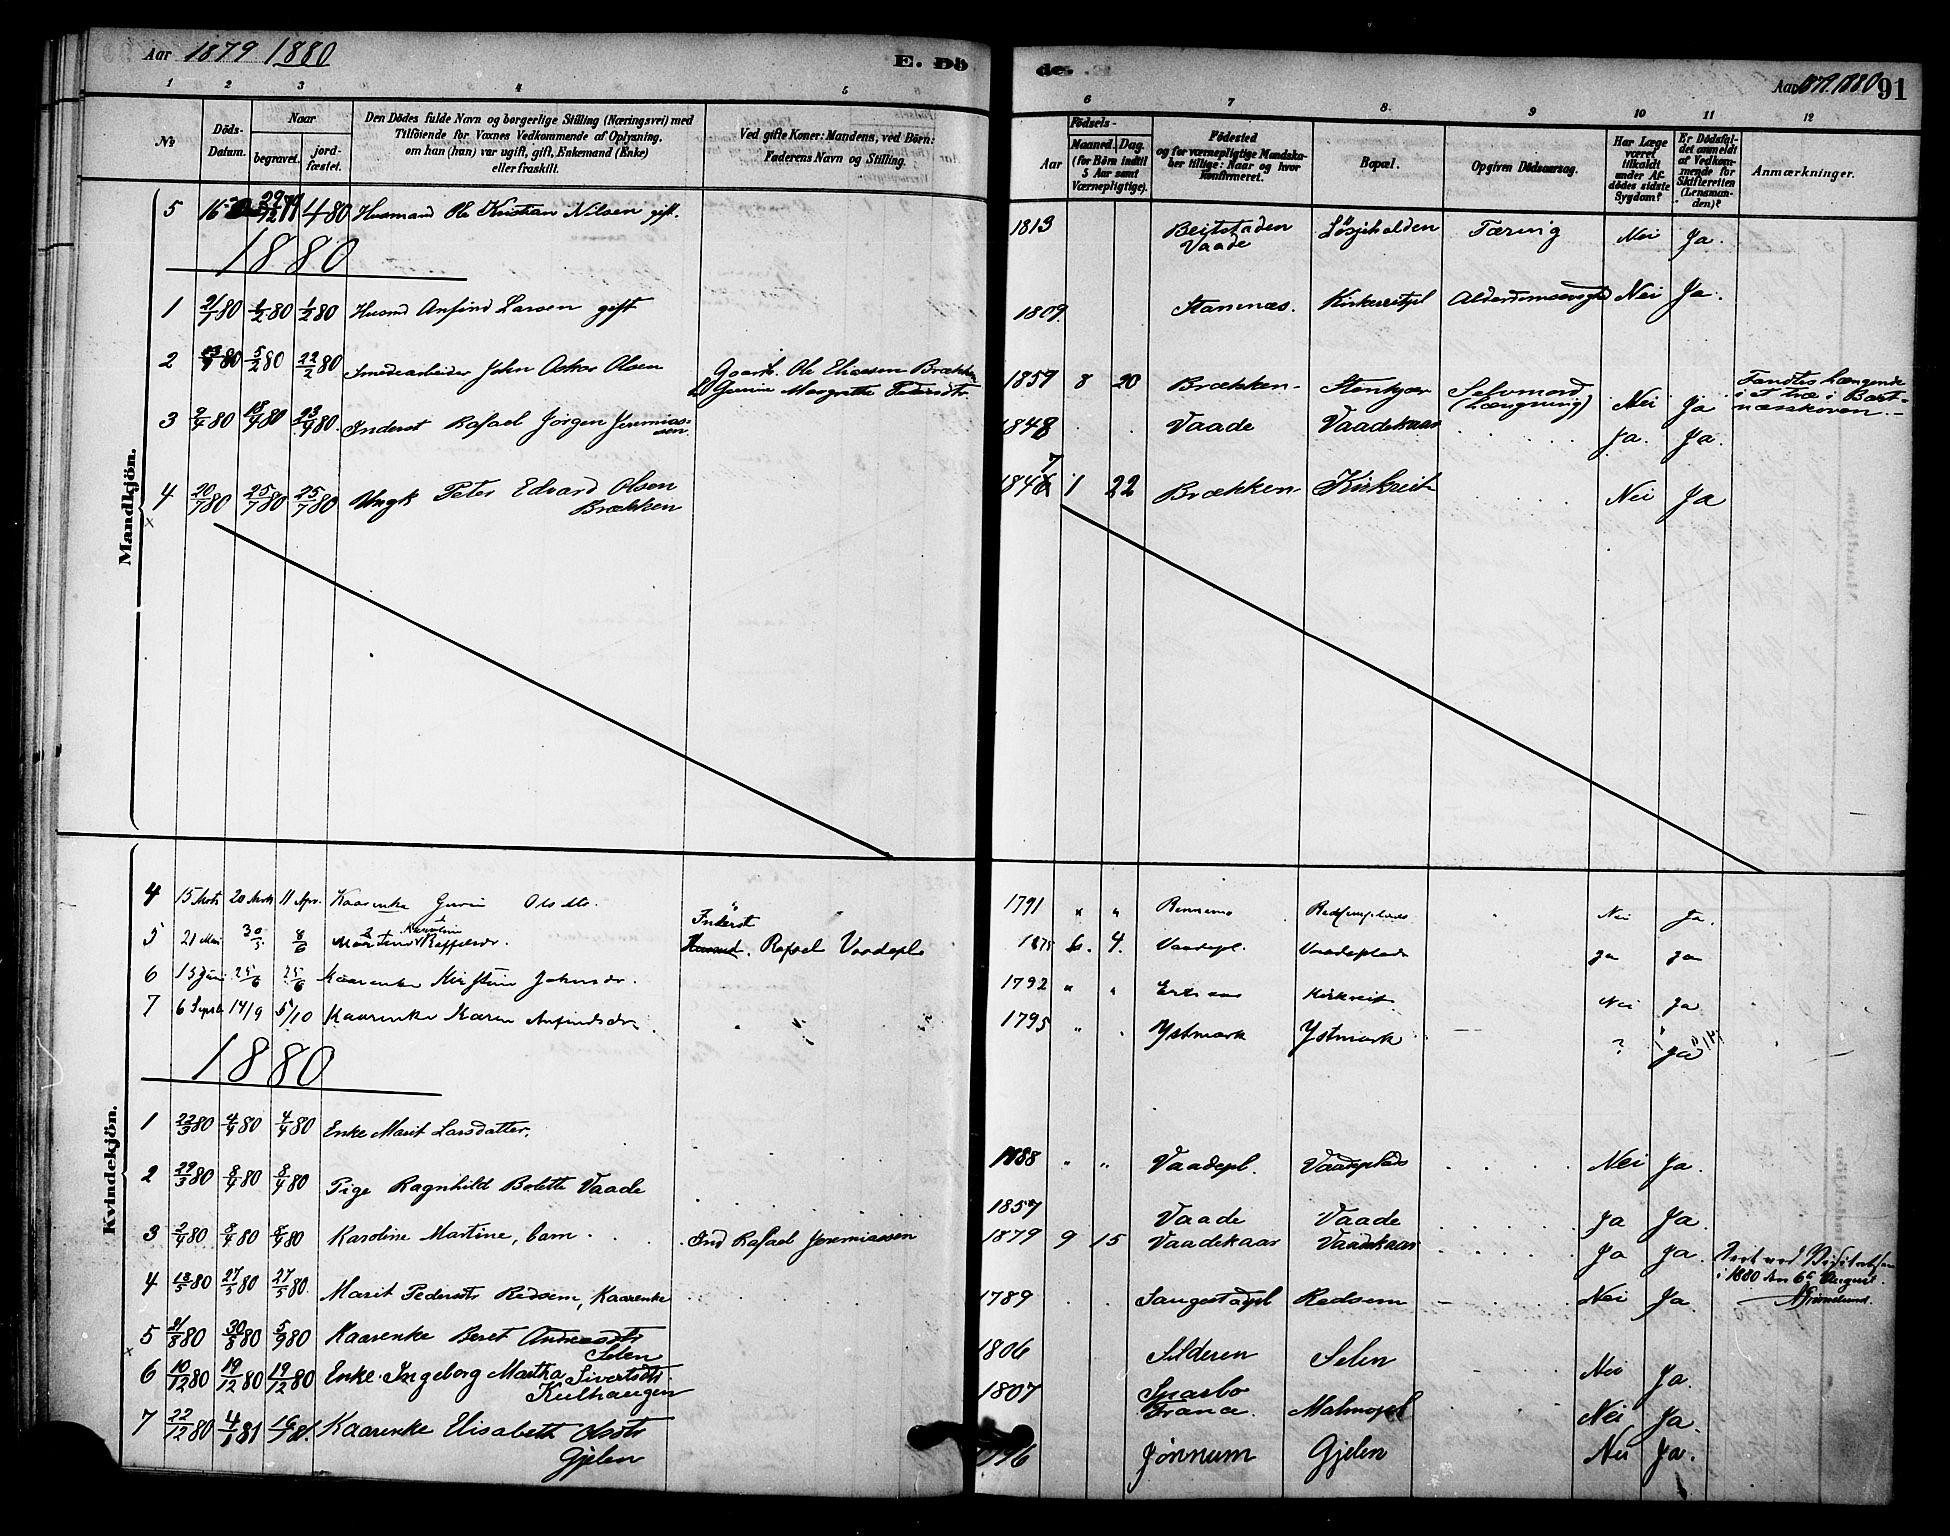 SAT, Ministerialprotokoller, klokkerbøker og fødselsregistre - Nord-Trøndelag, 745/L0429: Ministerialbok nr. 745A01, 1878-1894, s. 91